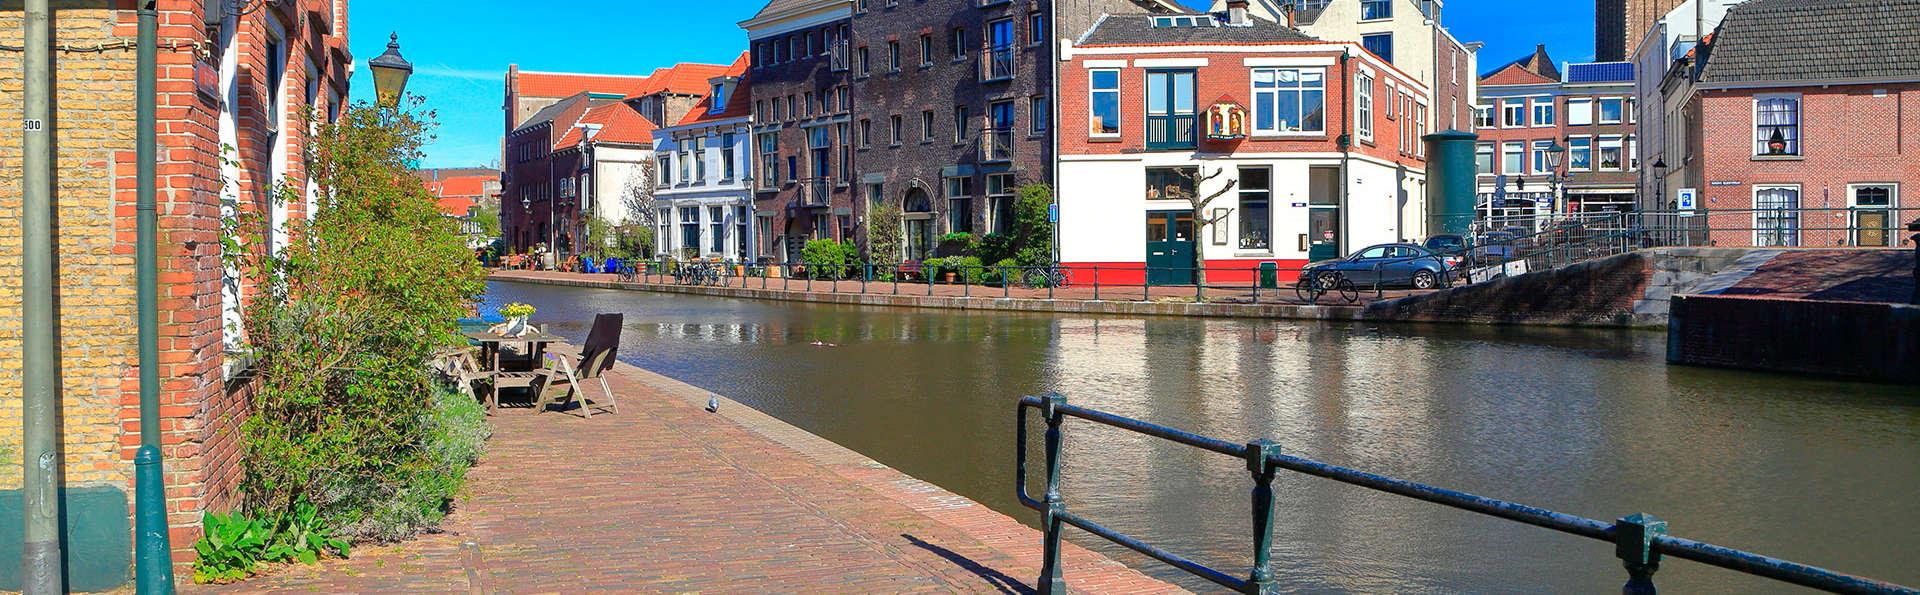 Novotel Rotterdam Schiedam - EDIT_destination.jpg